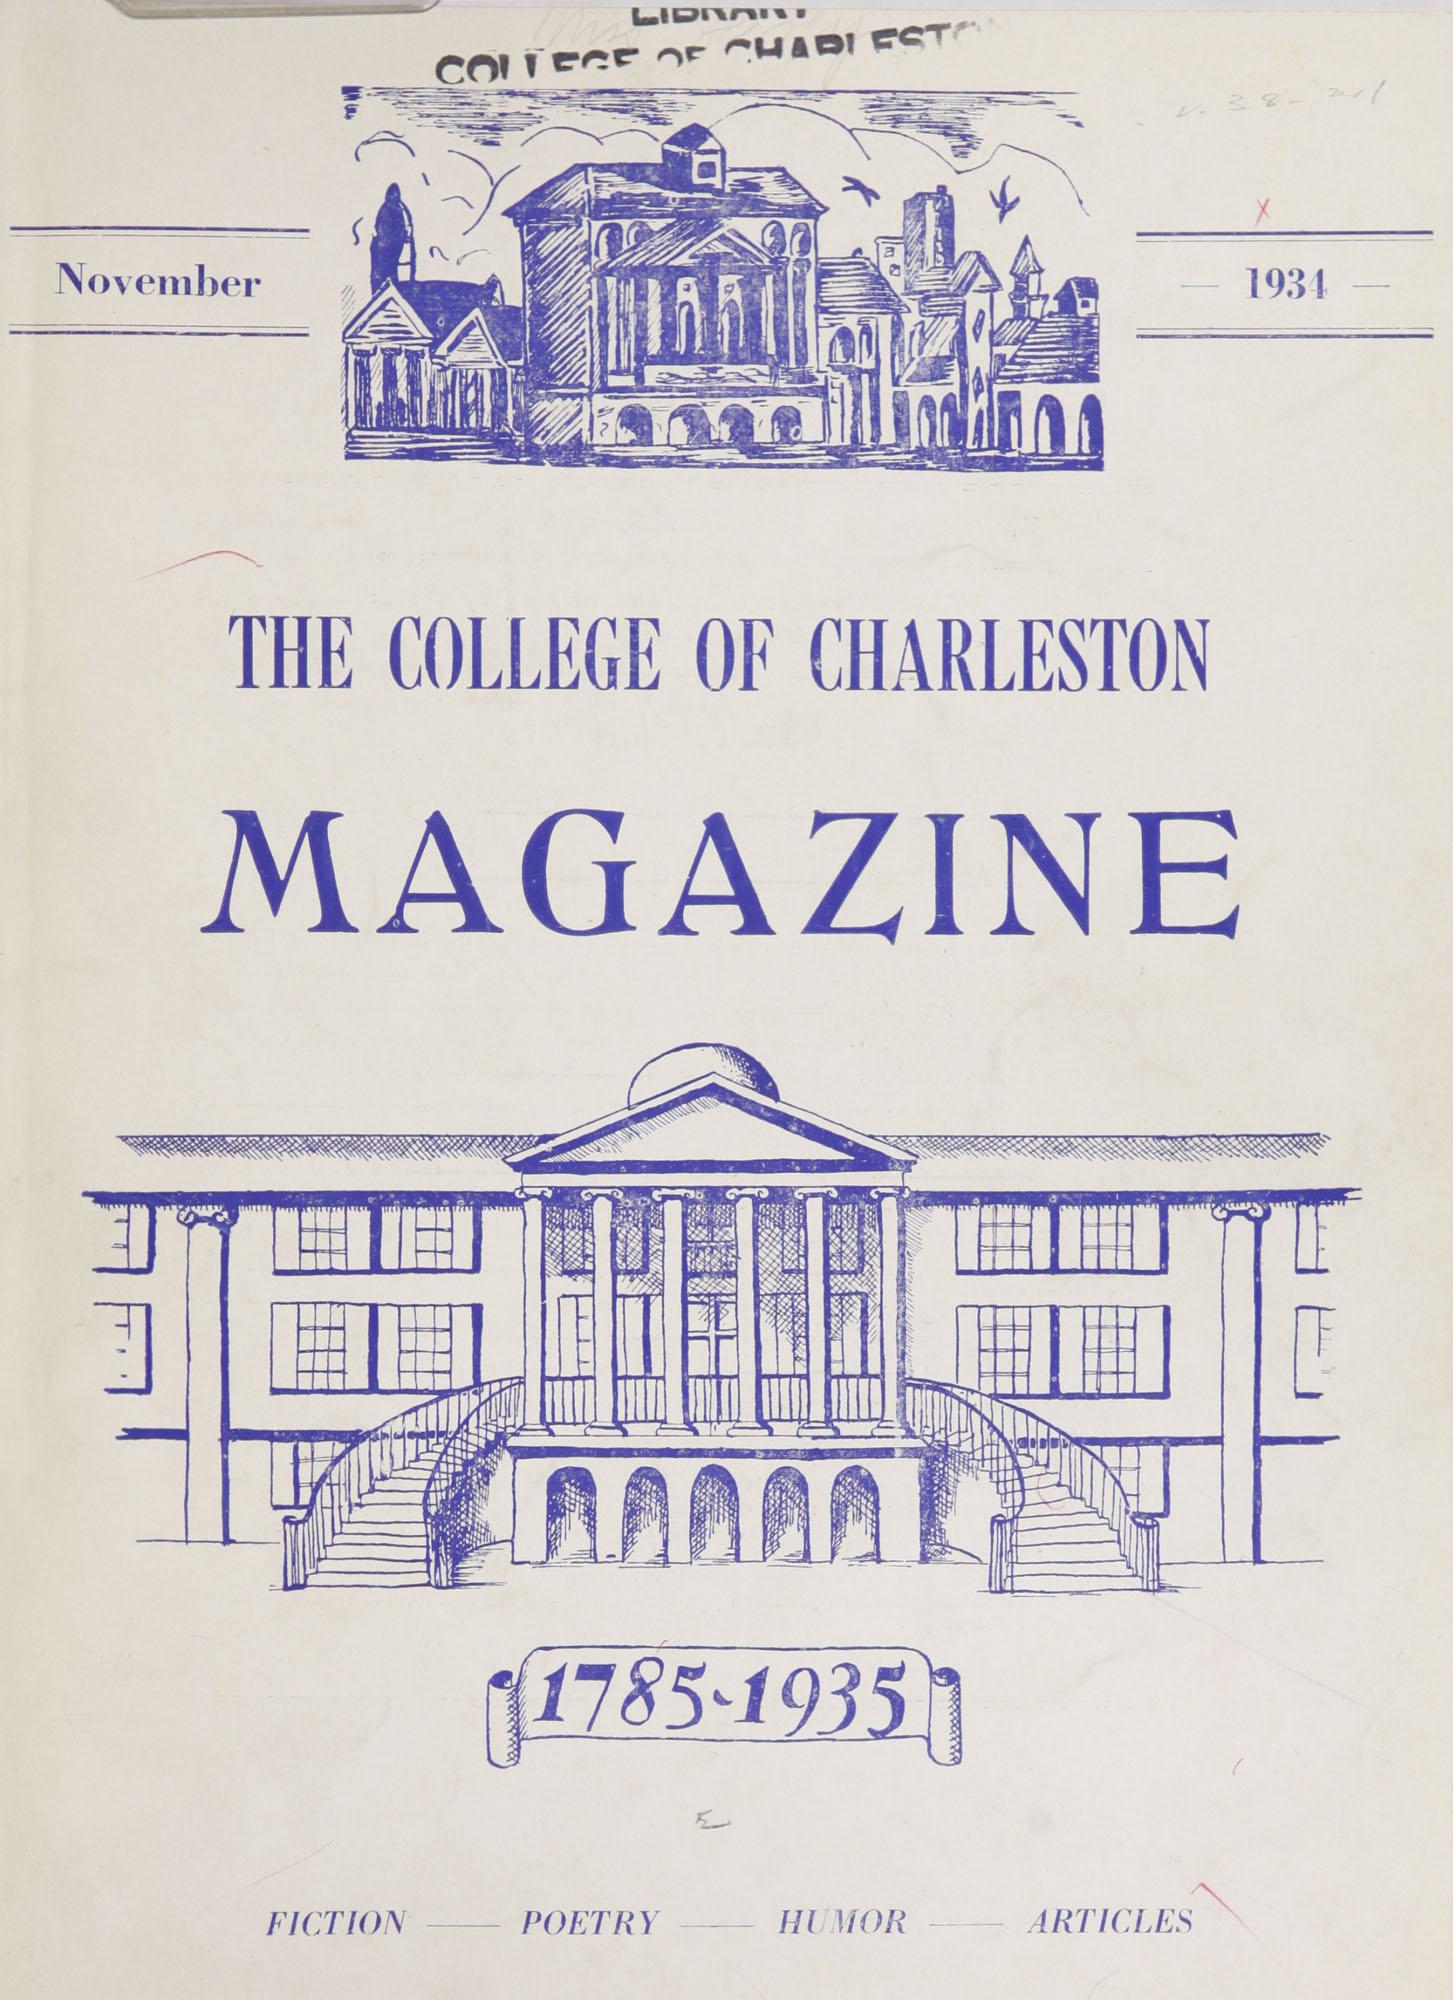 College of Charleston Magazine, 1934-1935